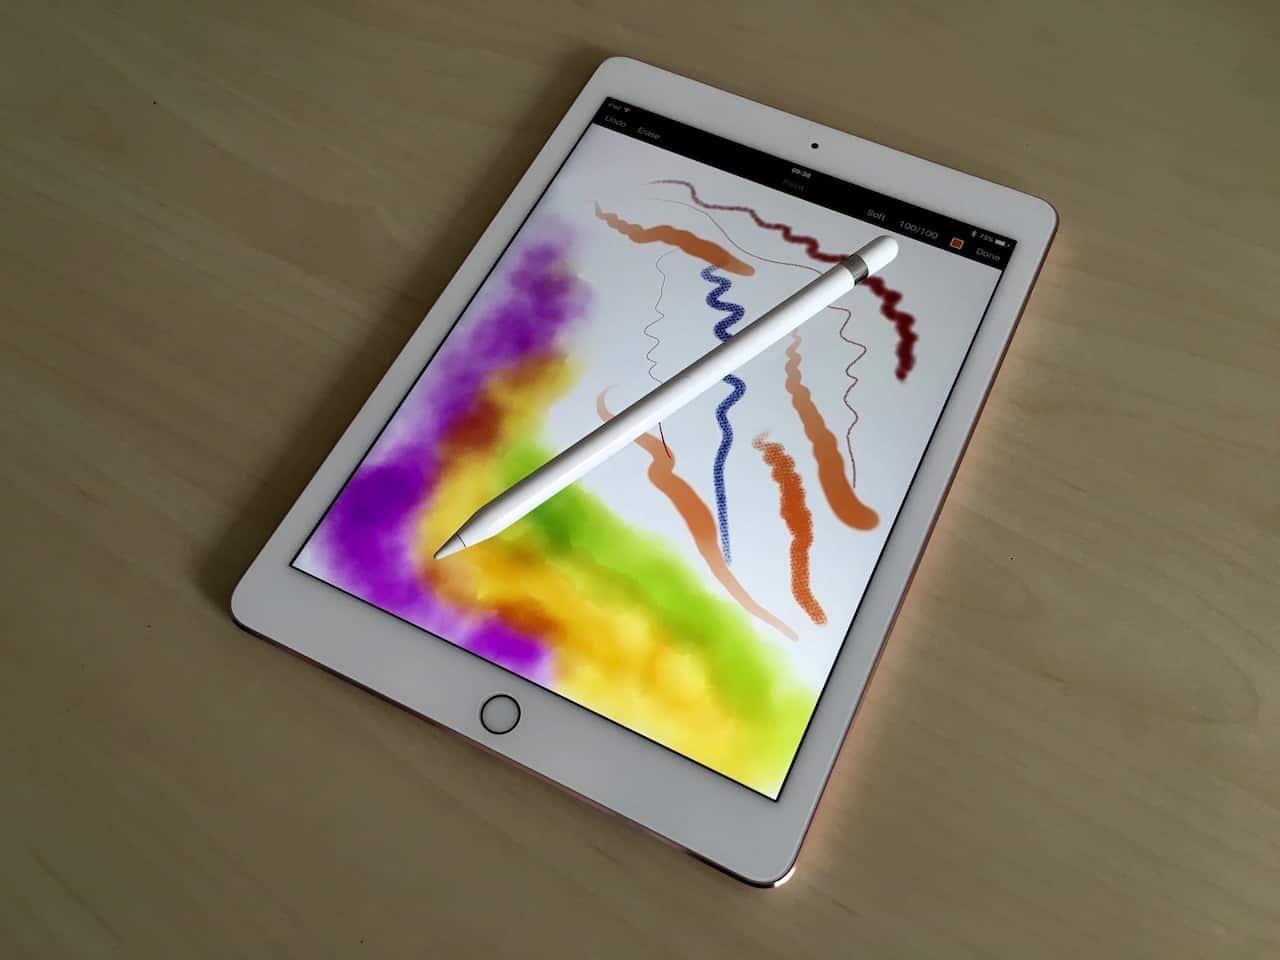 ipad-pro-9-7-apple-pen-4